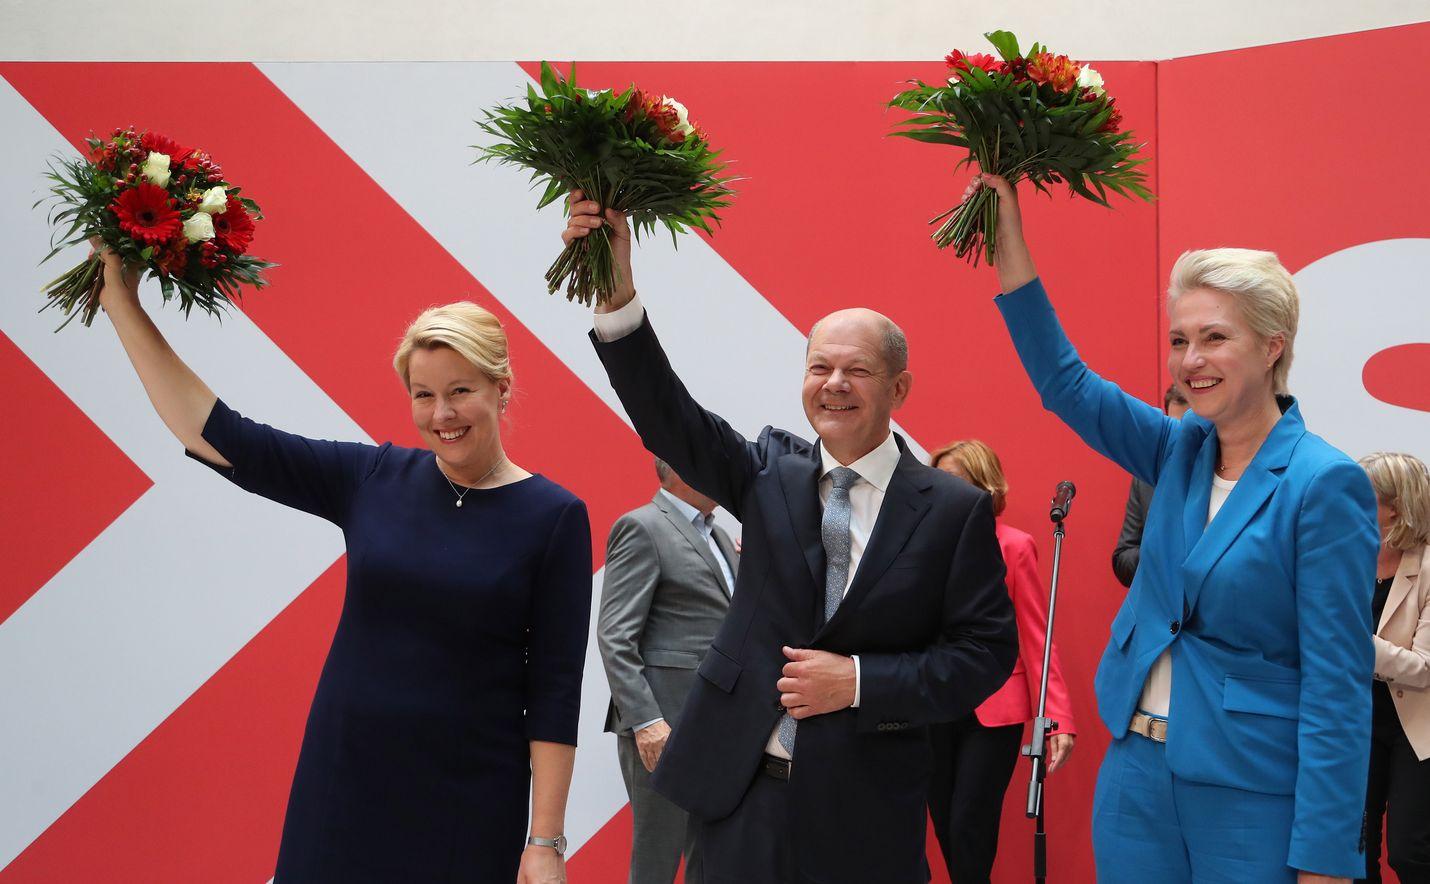 Sosiaalidemokraattien SPD:n Olaf Scholz (keskellä) on vahvin ehdokas kansleriksi, jos hän löytää sopivat hallituskumppanit. Hän juhli puoluetovereiden Franziska Giffeyn (vas.) ja Manuela Schwesigin (oik.) kanssa.